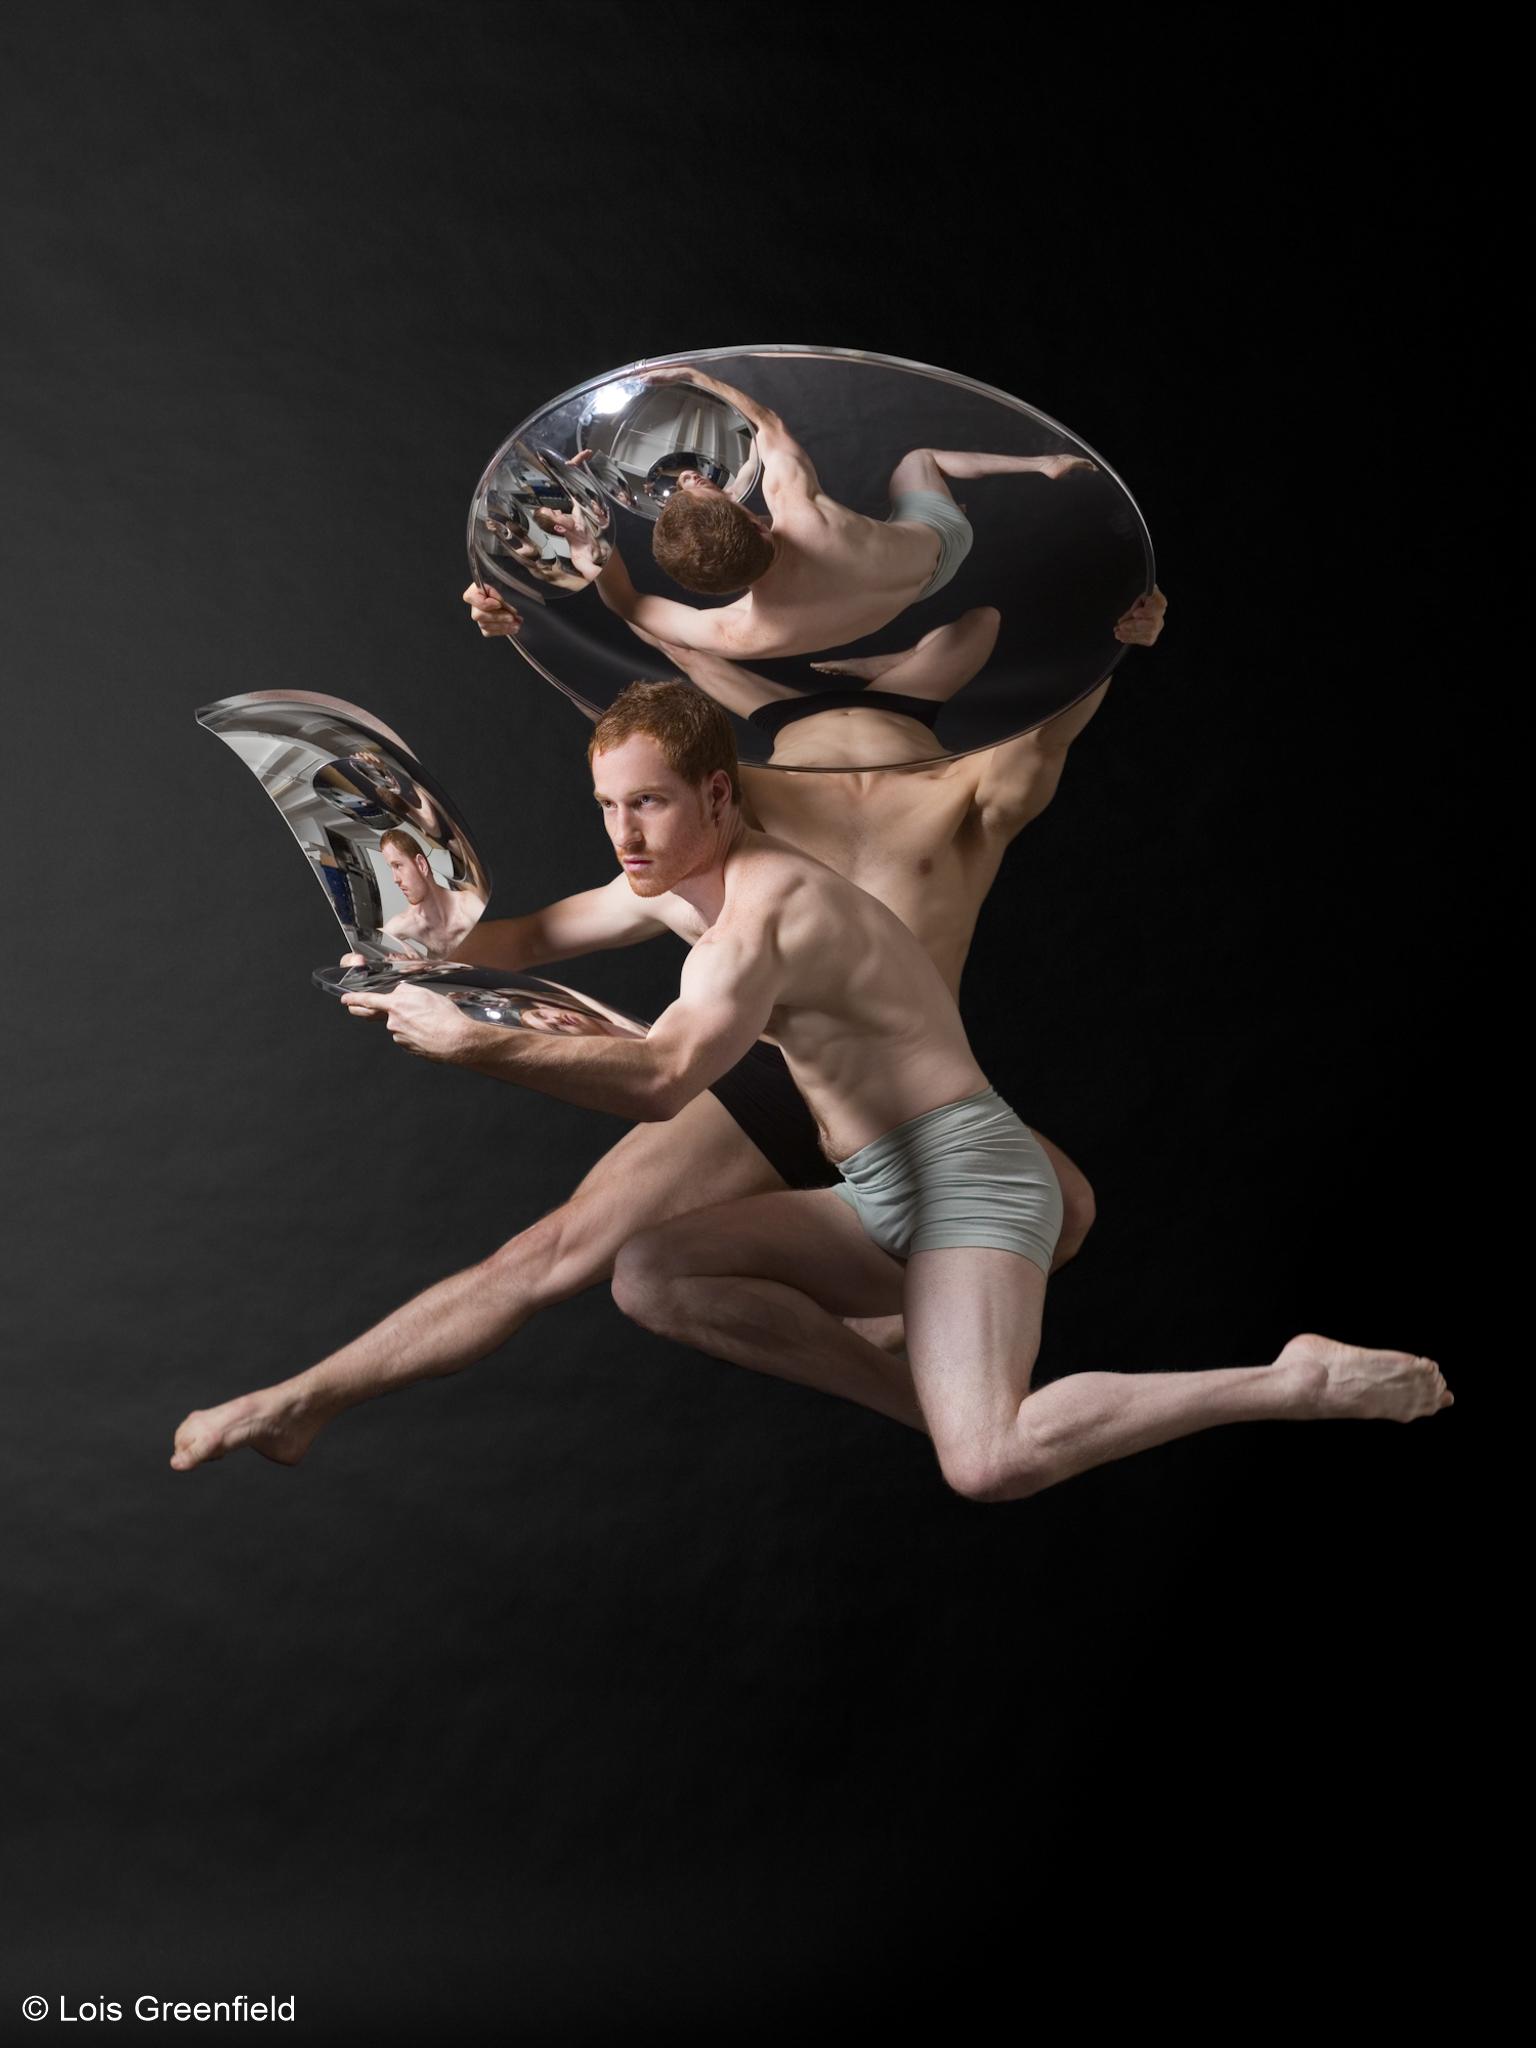 Paul Zivkovich & Craig Bary